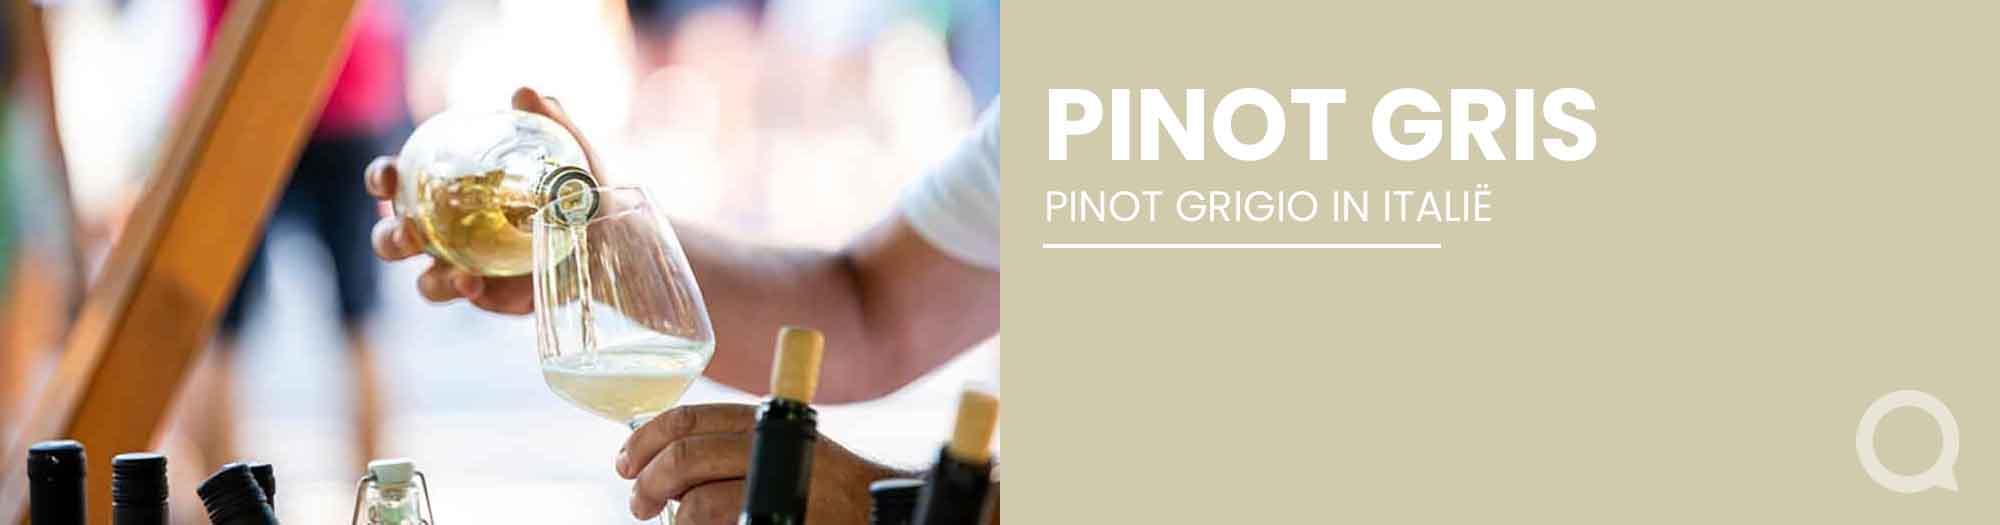 Pinot Gris en Pinot Grigio